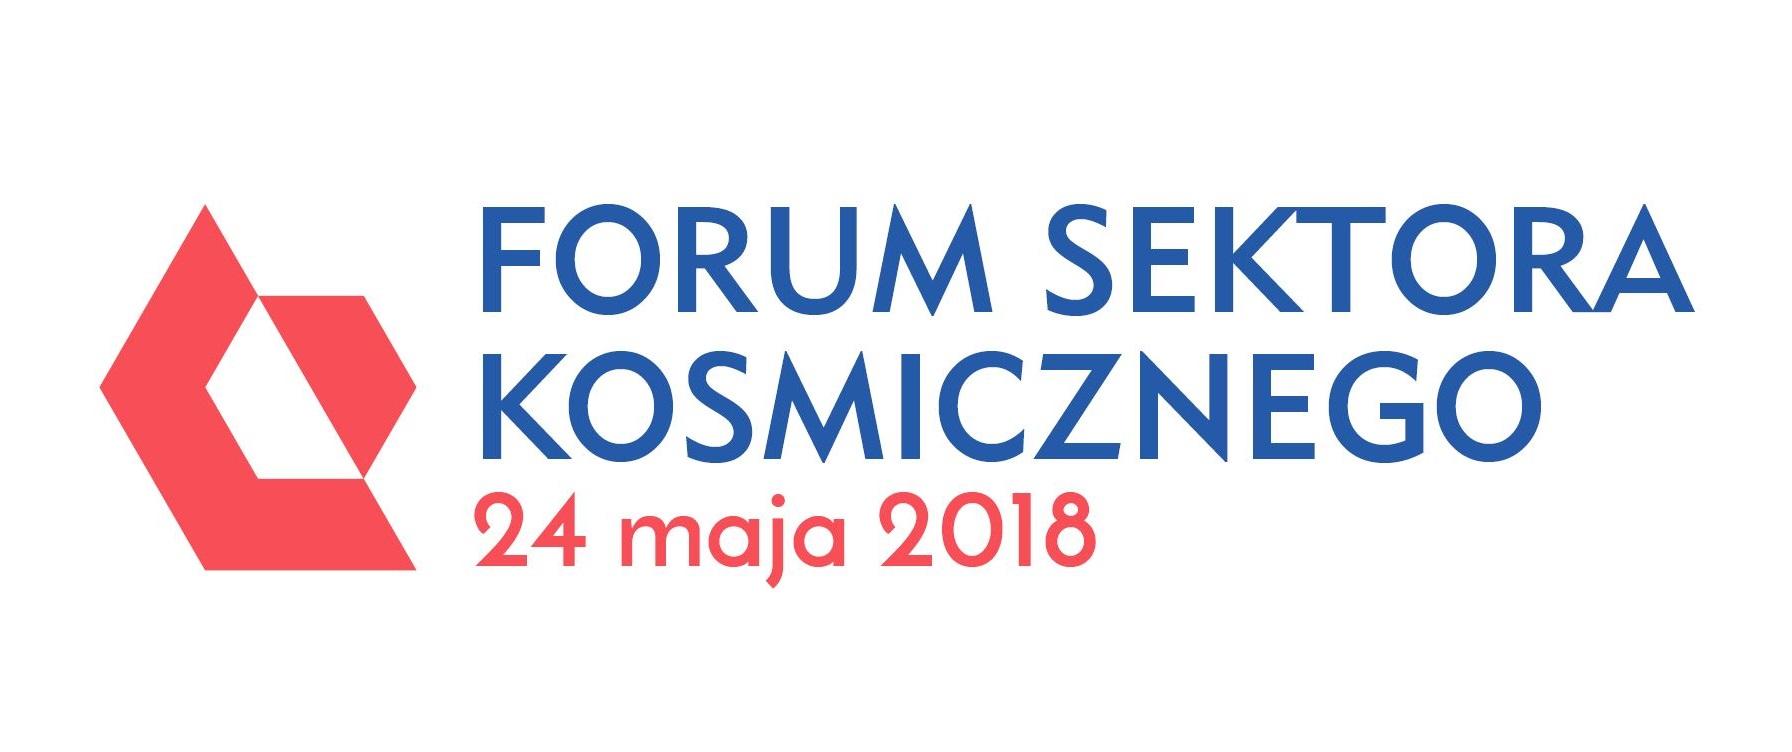 Forum Sektora Kosmicznego 2018 @ ul.Prądzyńskiego 12/14